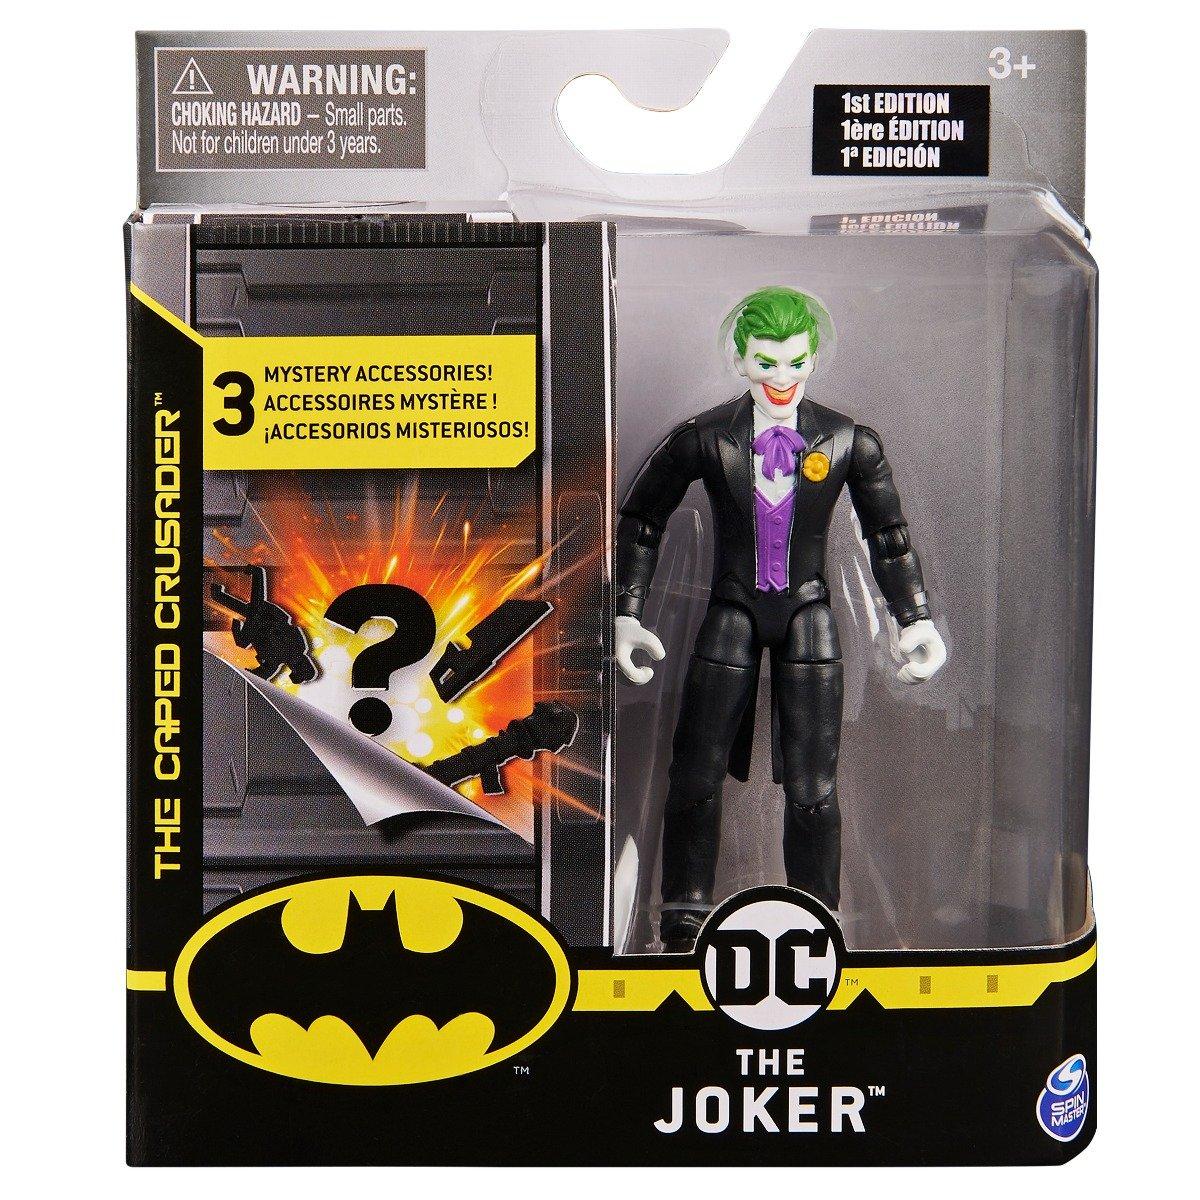 Set Figurina cu accesorii surpriza Batman, The Joker 20124536